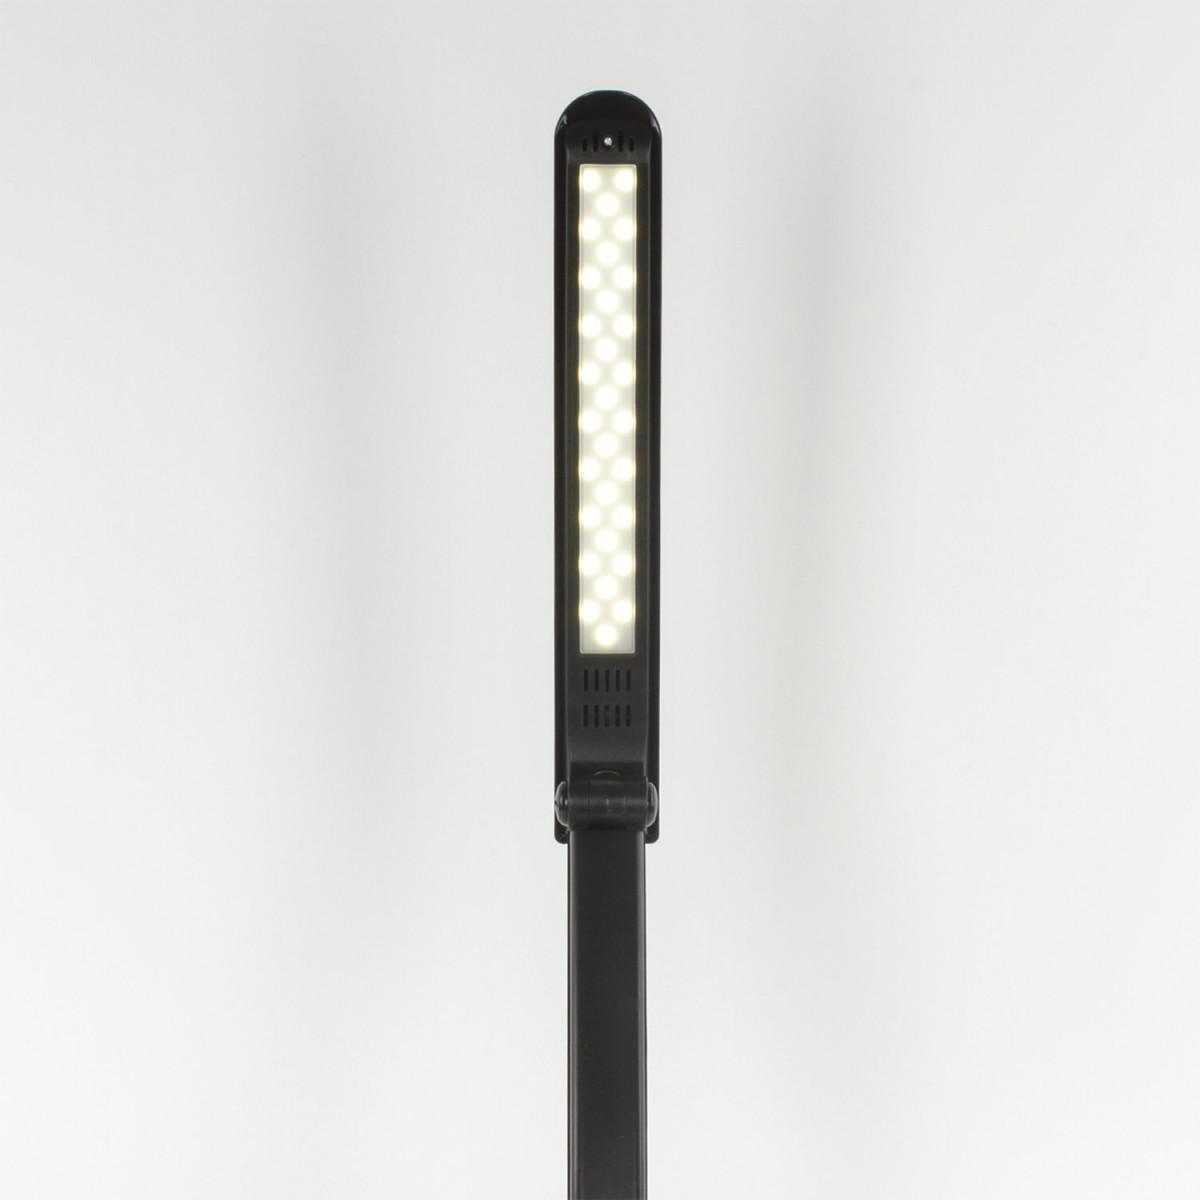 Светильник настольный SONNEN PH-307, на подставке, светодиодный, 9 Вт, пластик, черный, 236684 (арт. 236684)